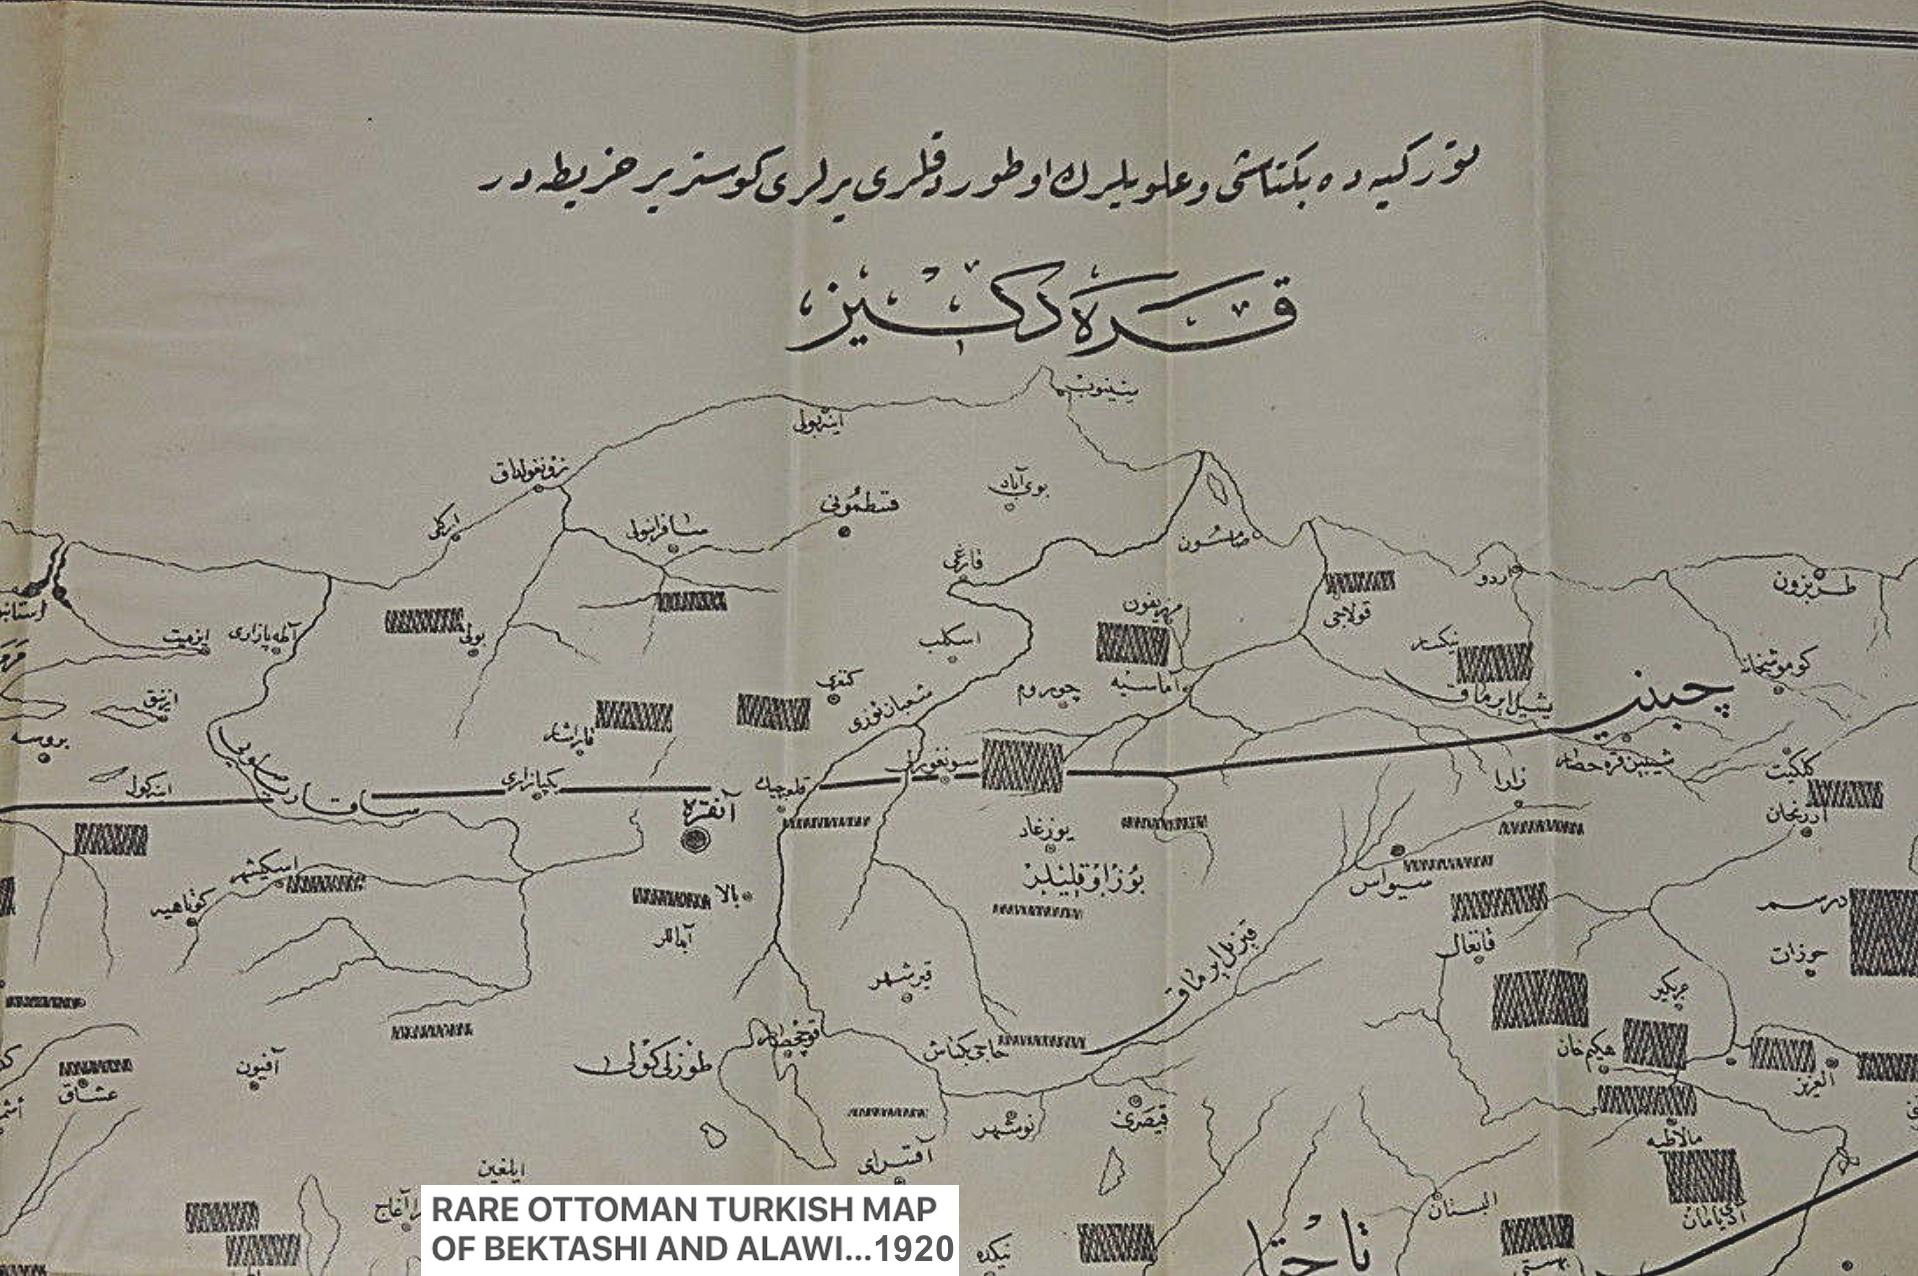 Alevi osmanlı harita atatürkAlevi yol cem erkanı reformu Alevilik aleviler Devrimci Aleviler birliği DAB Pir sultan bektaşi.avi